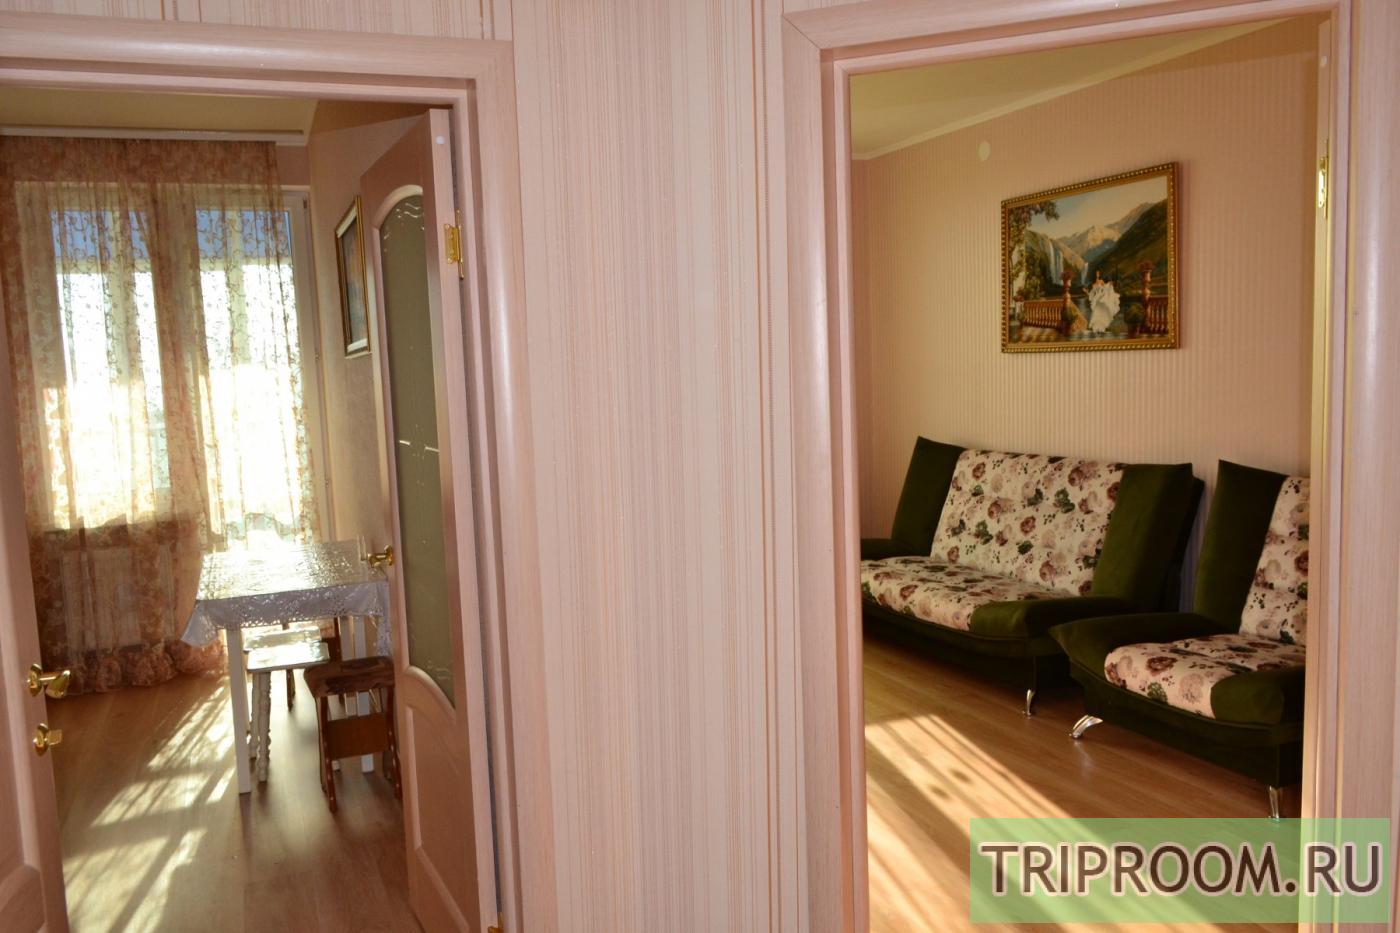 1-комнатная квартира посуточно (вариант № 20322), ул. Юлиуса Фучика улица, фото № 5